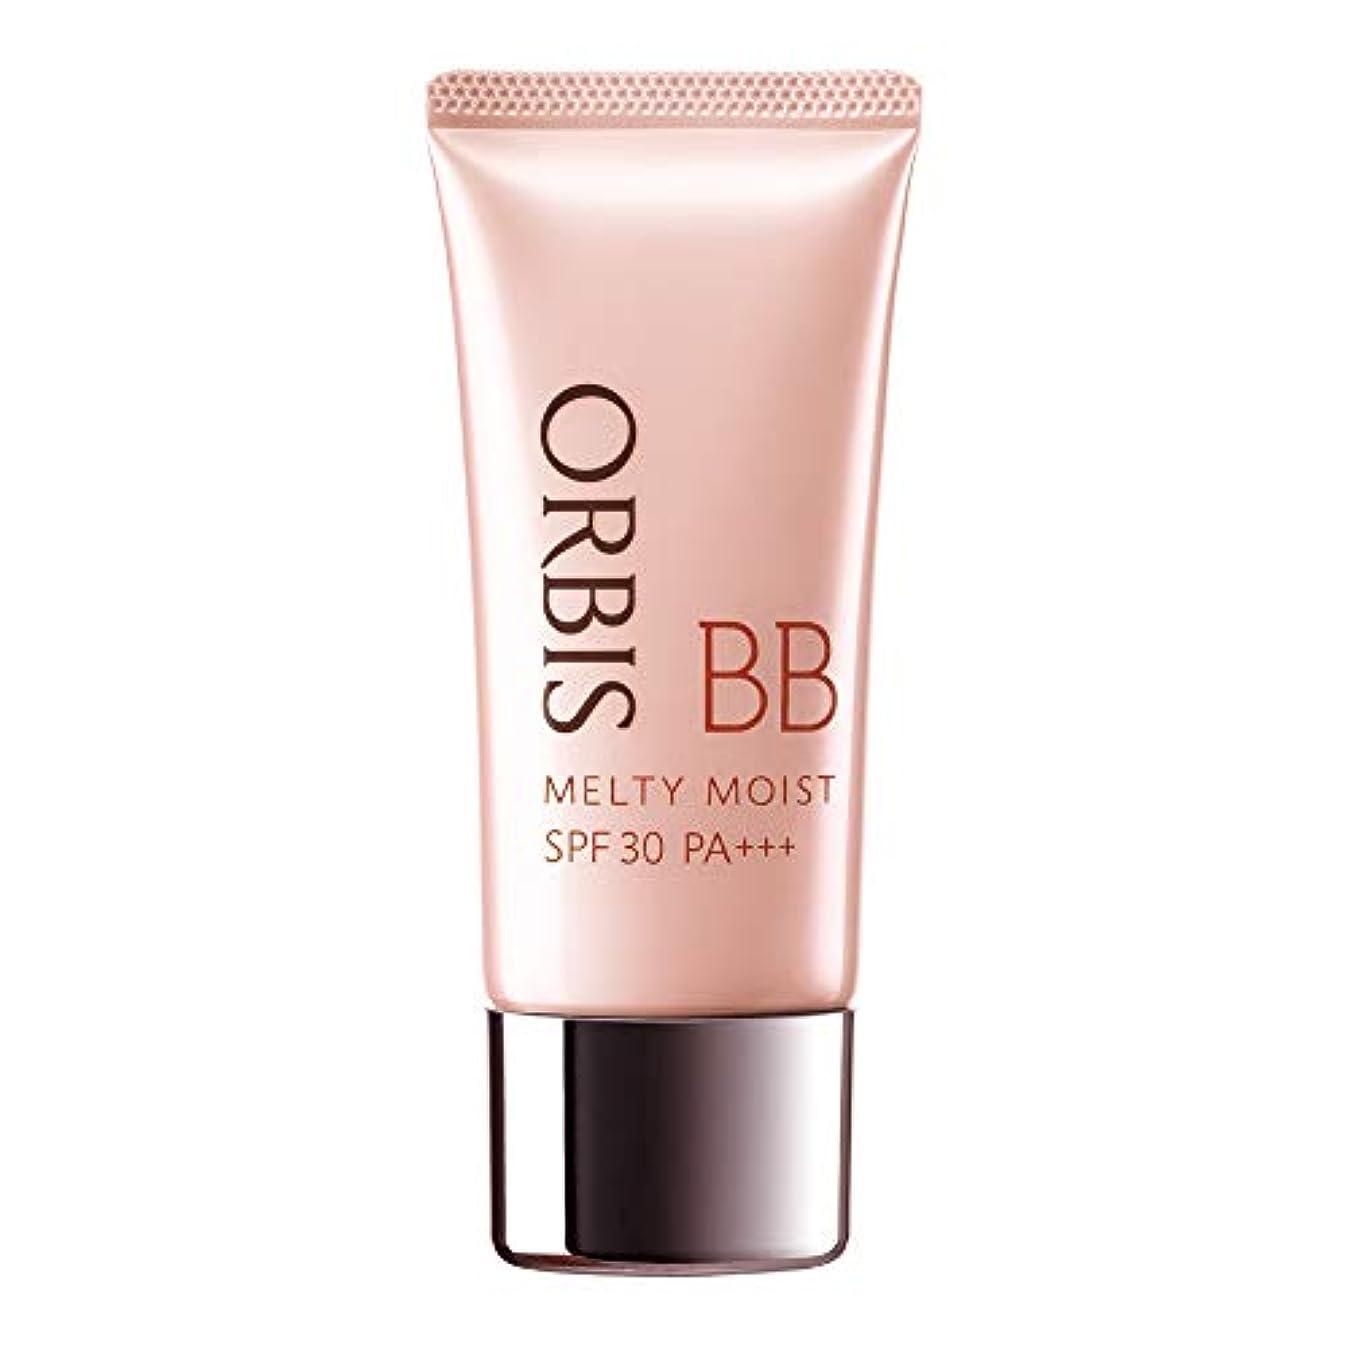 敬礼言う生息地オルビス(ORBIS) メルティーモイスト BB ナチュラル 35g ◎BBクリーム◎